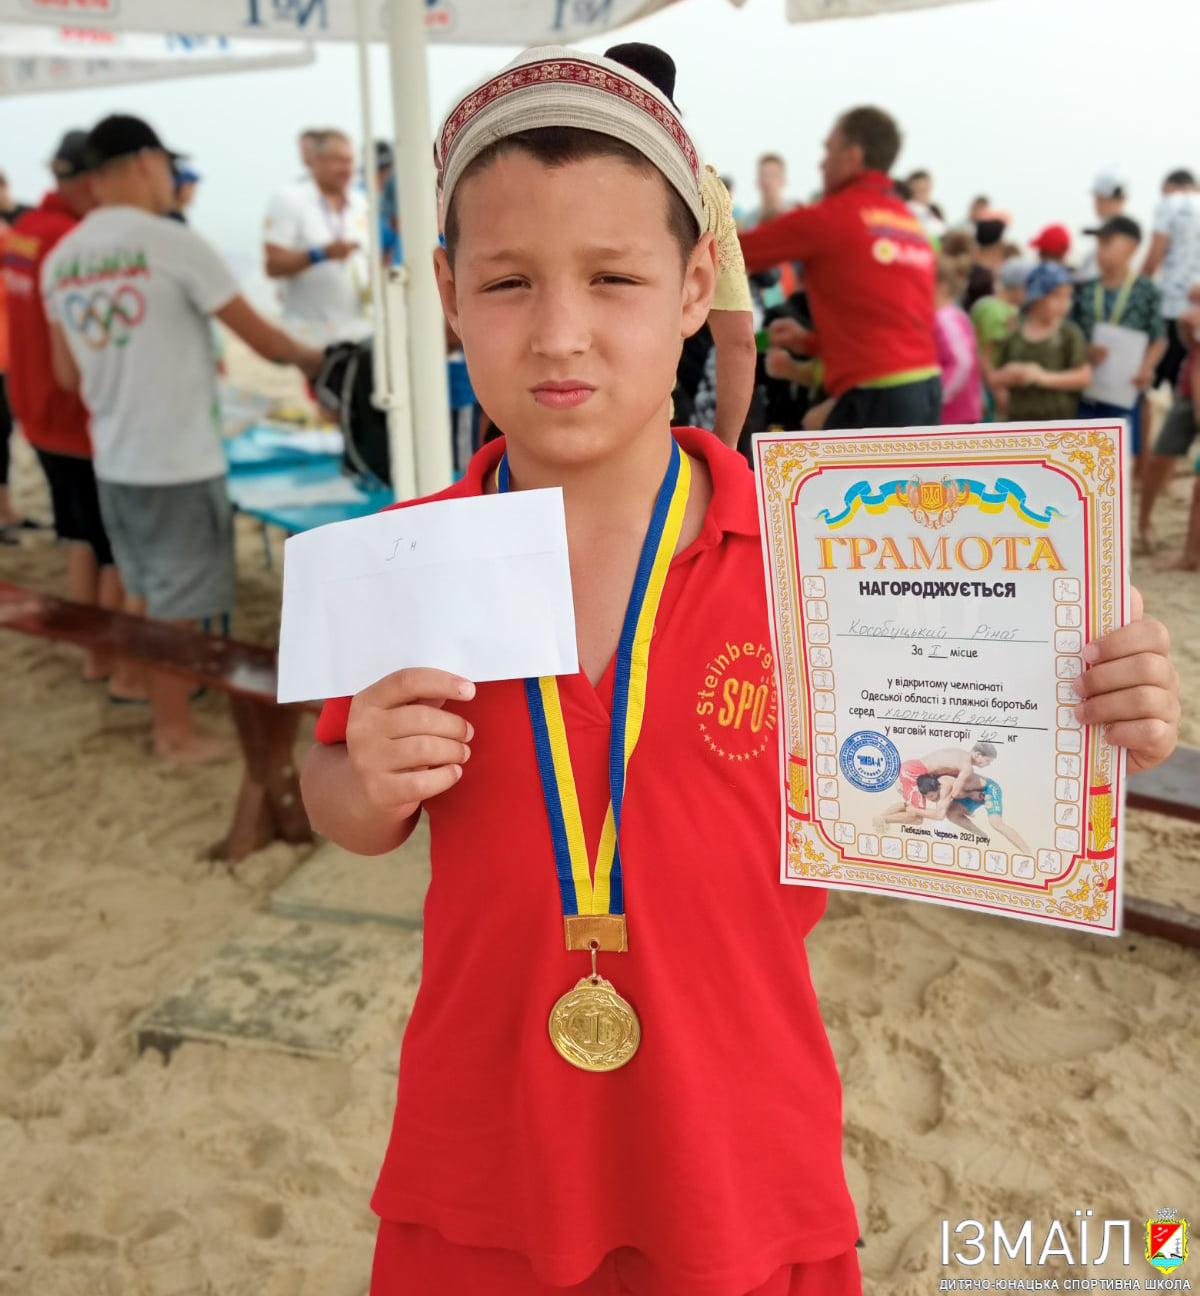 Борцы Измаильской ДЮСШ взяли 12 призовых мест на турнире по пляжной борьбе